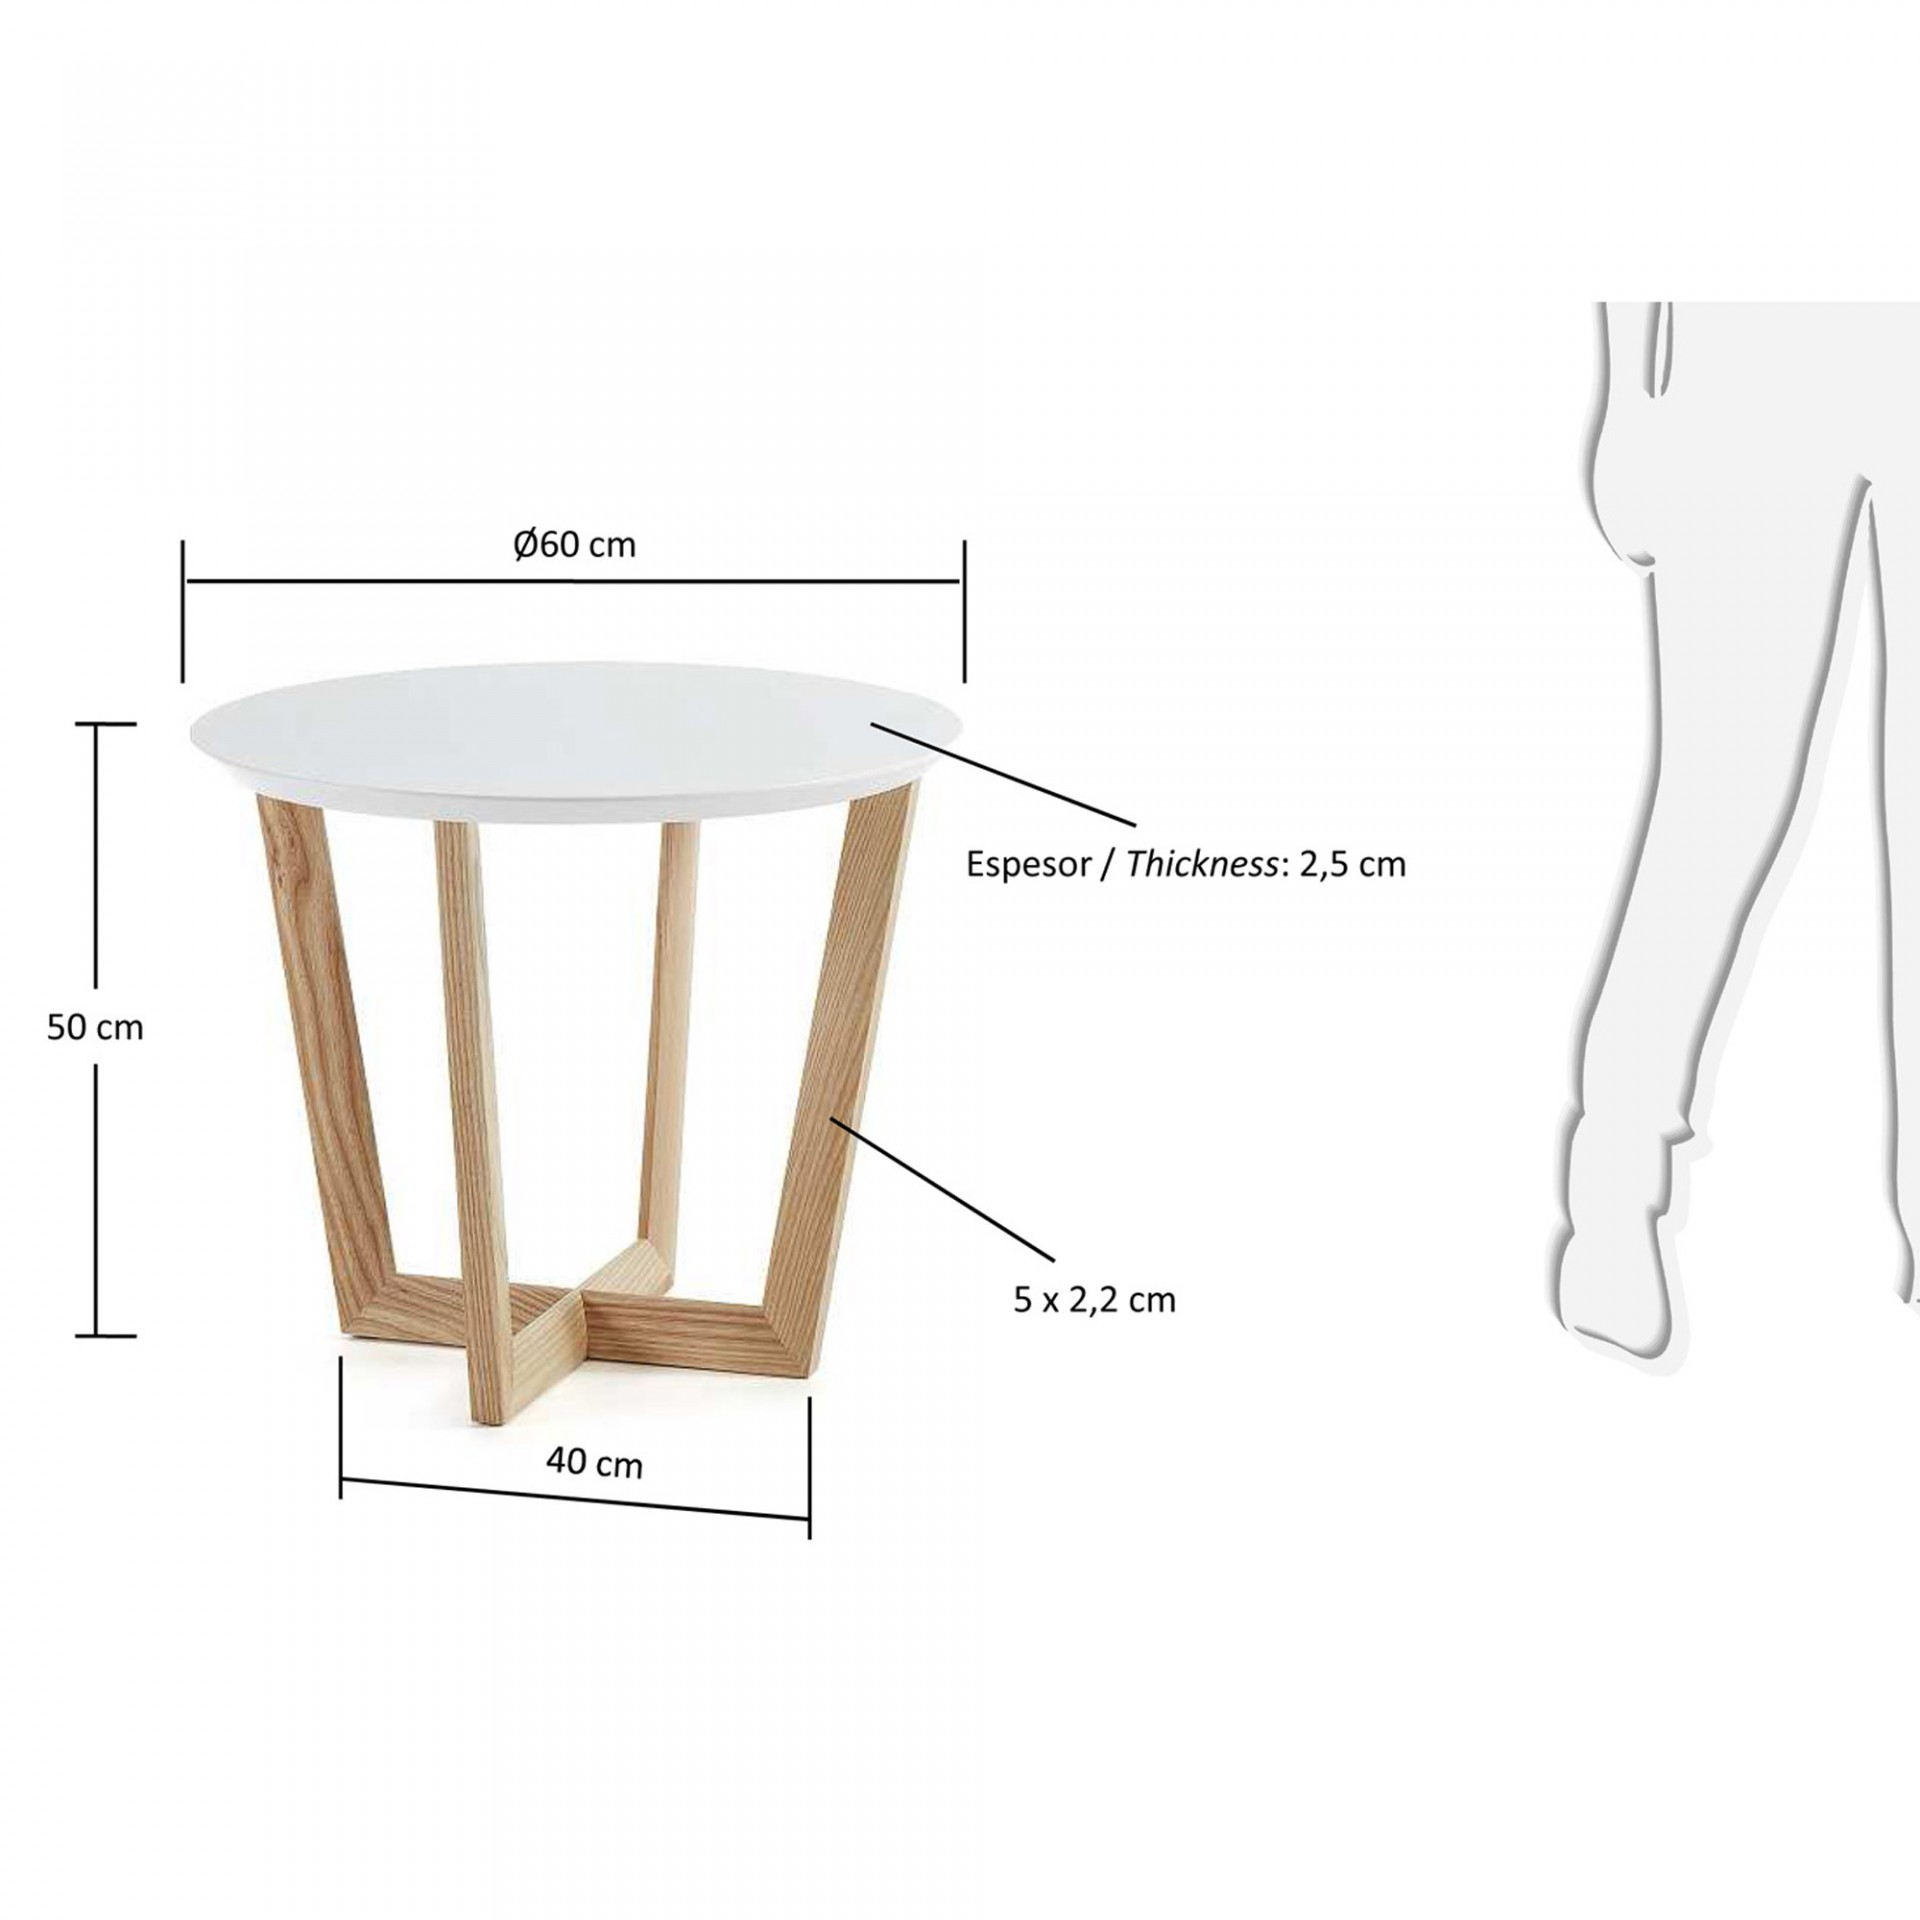 Mesa de apoio em madeira de freixo/MDF lacado, Ø60x50 cm